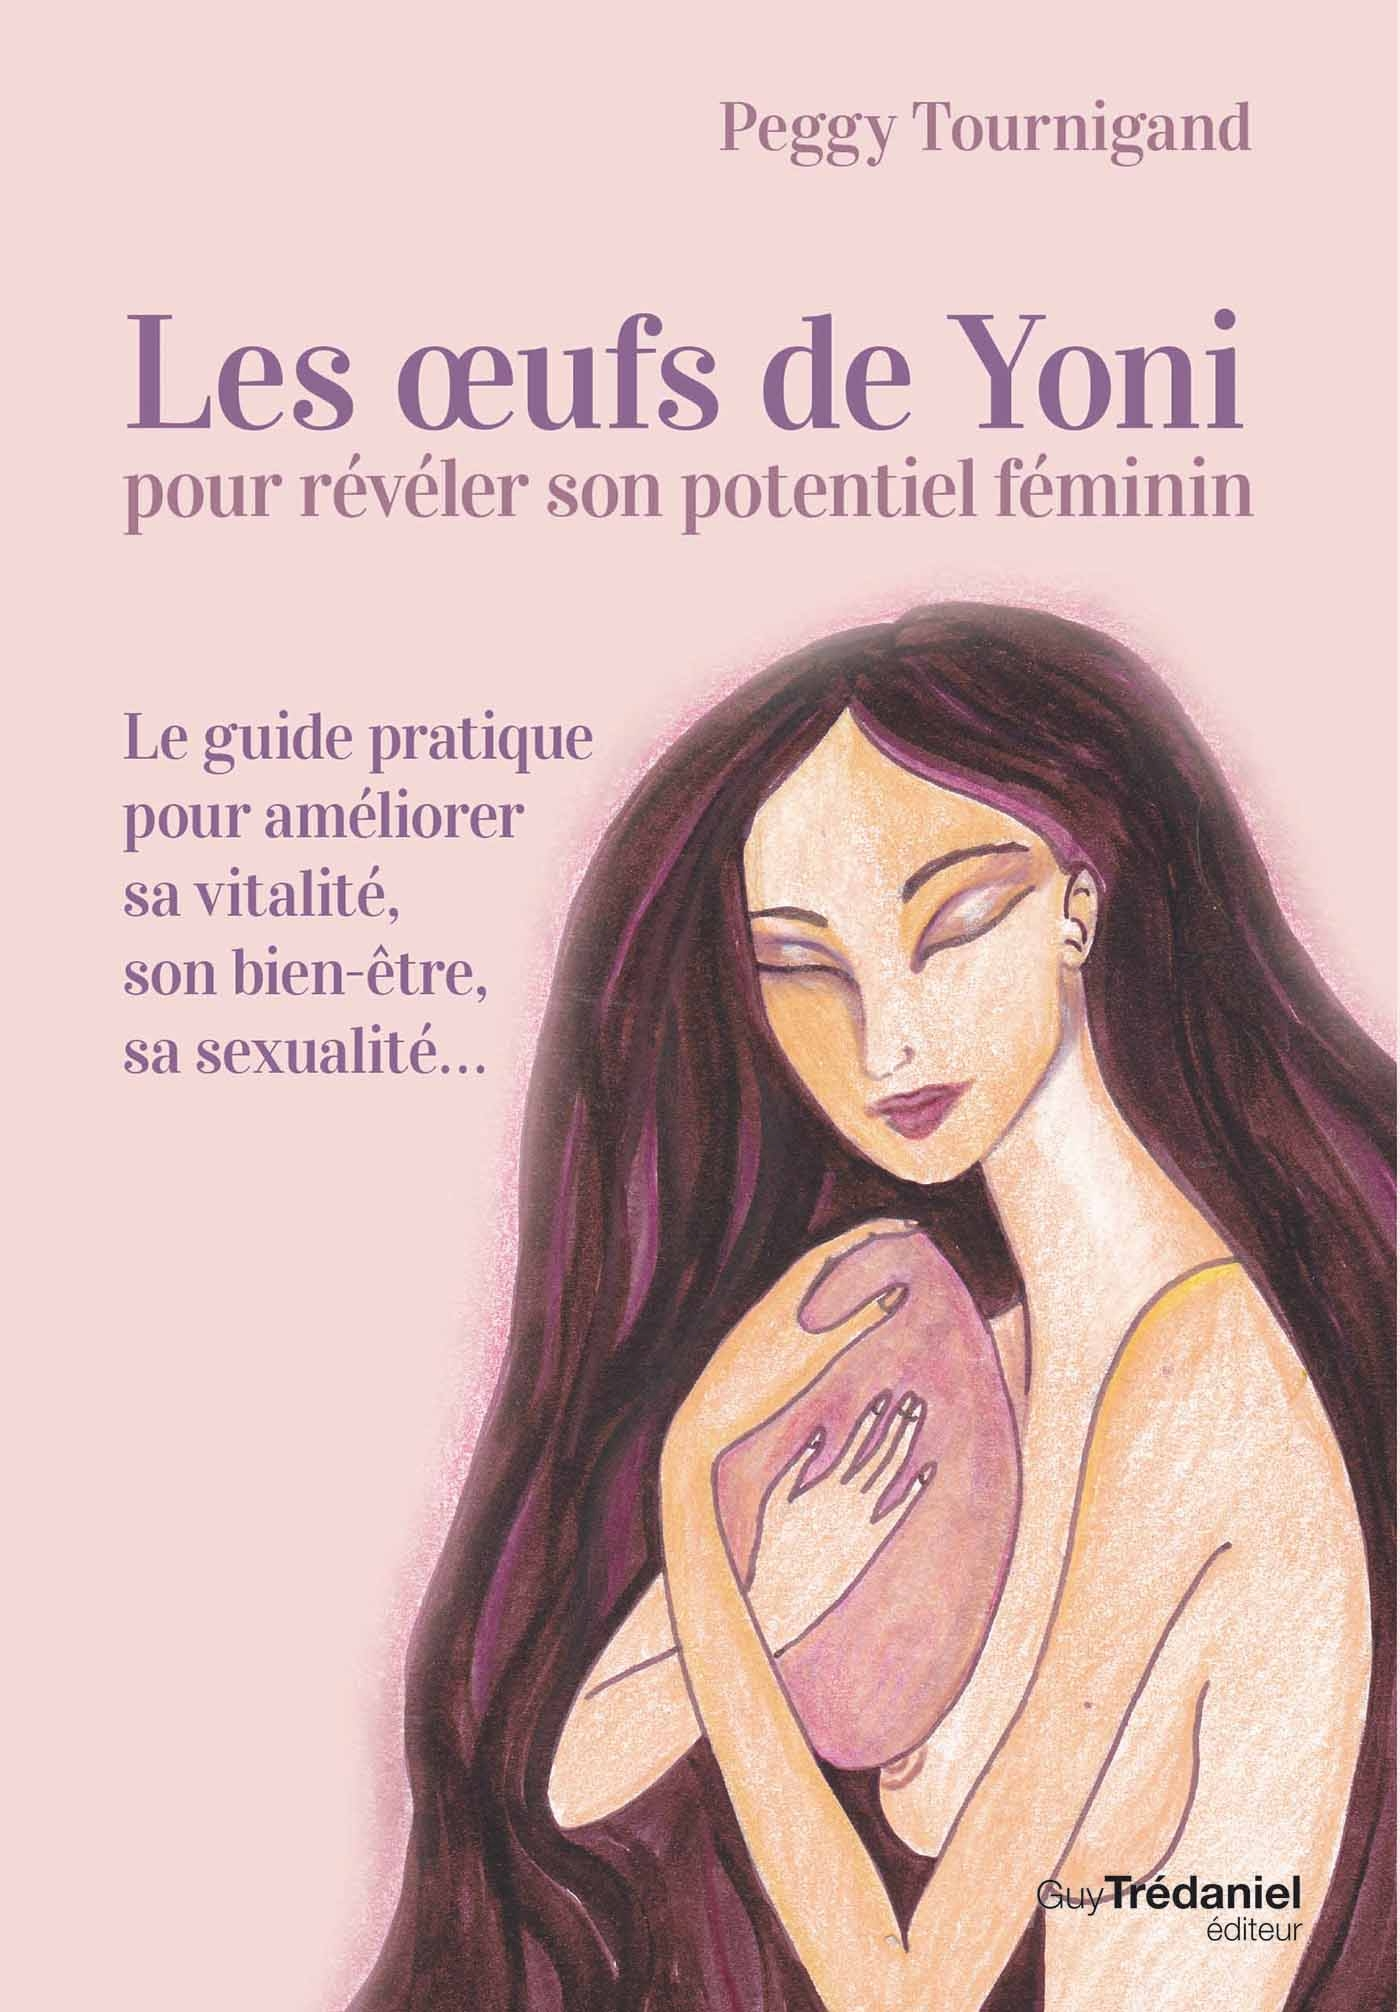 Les oeufs de Yoni pour révéler son poyentiel féminin